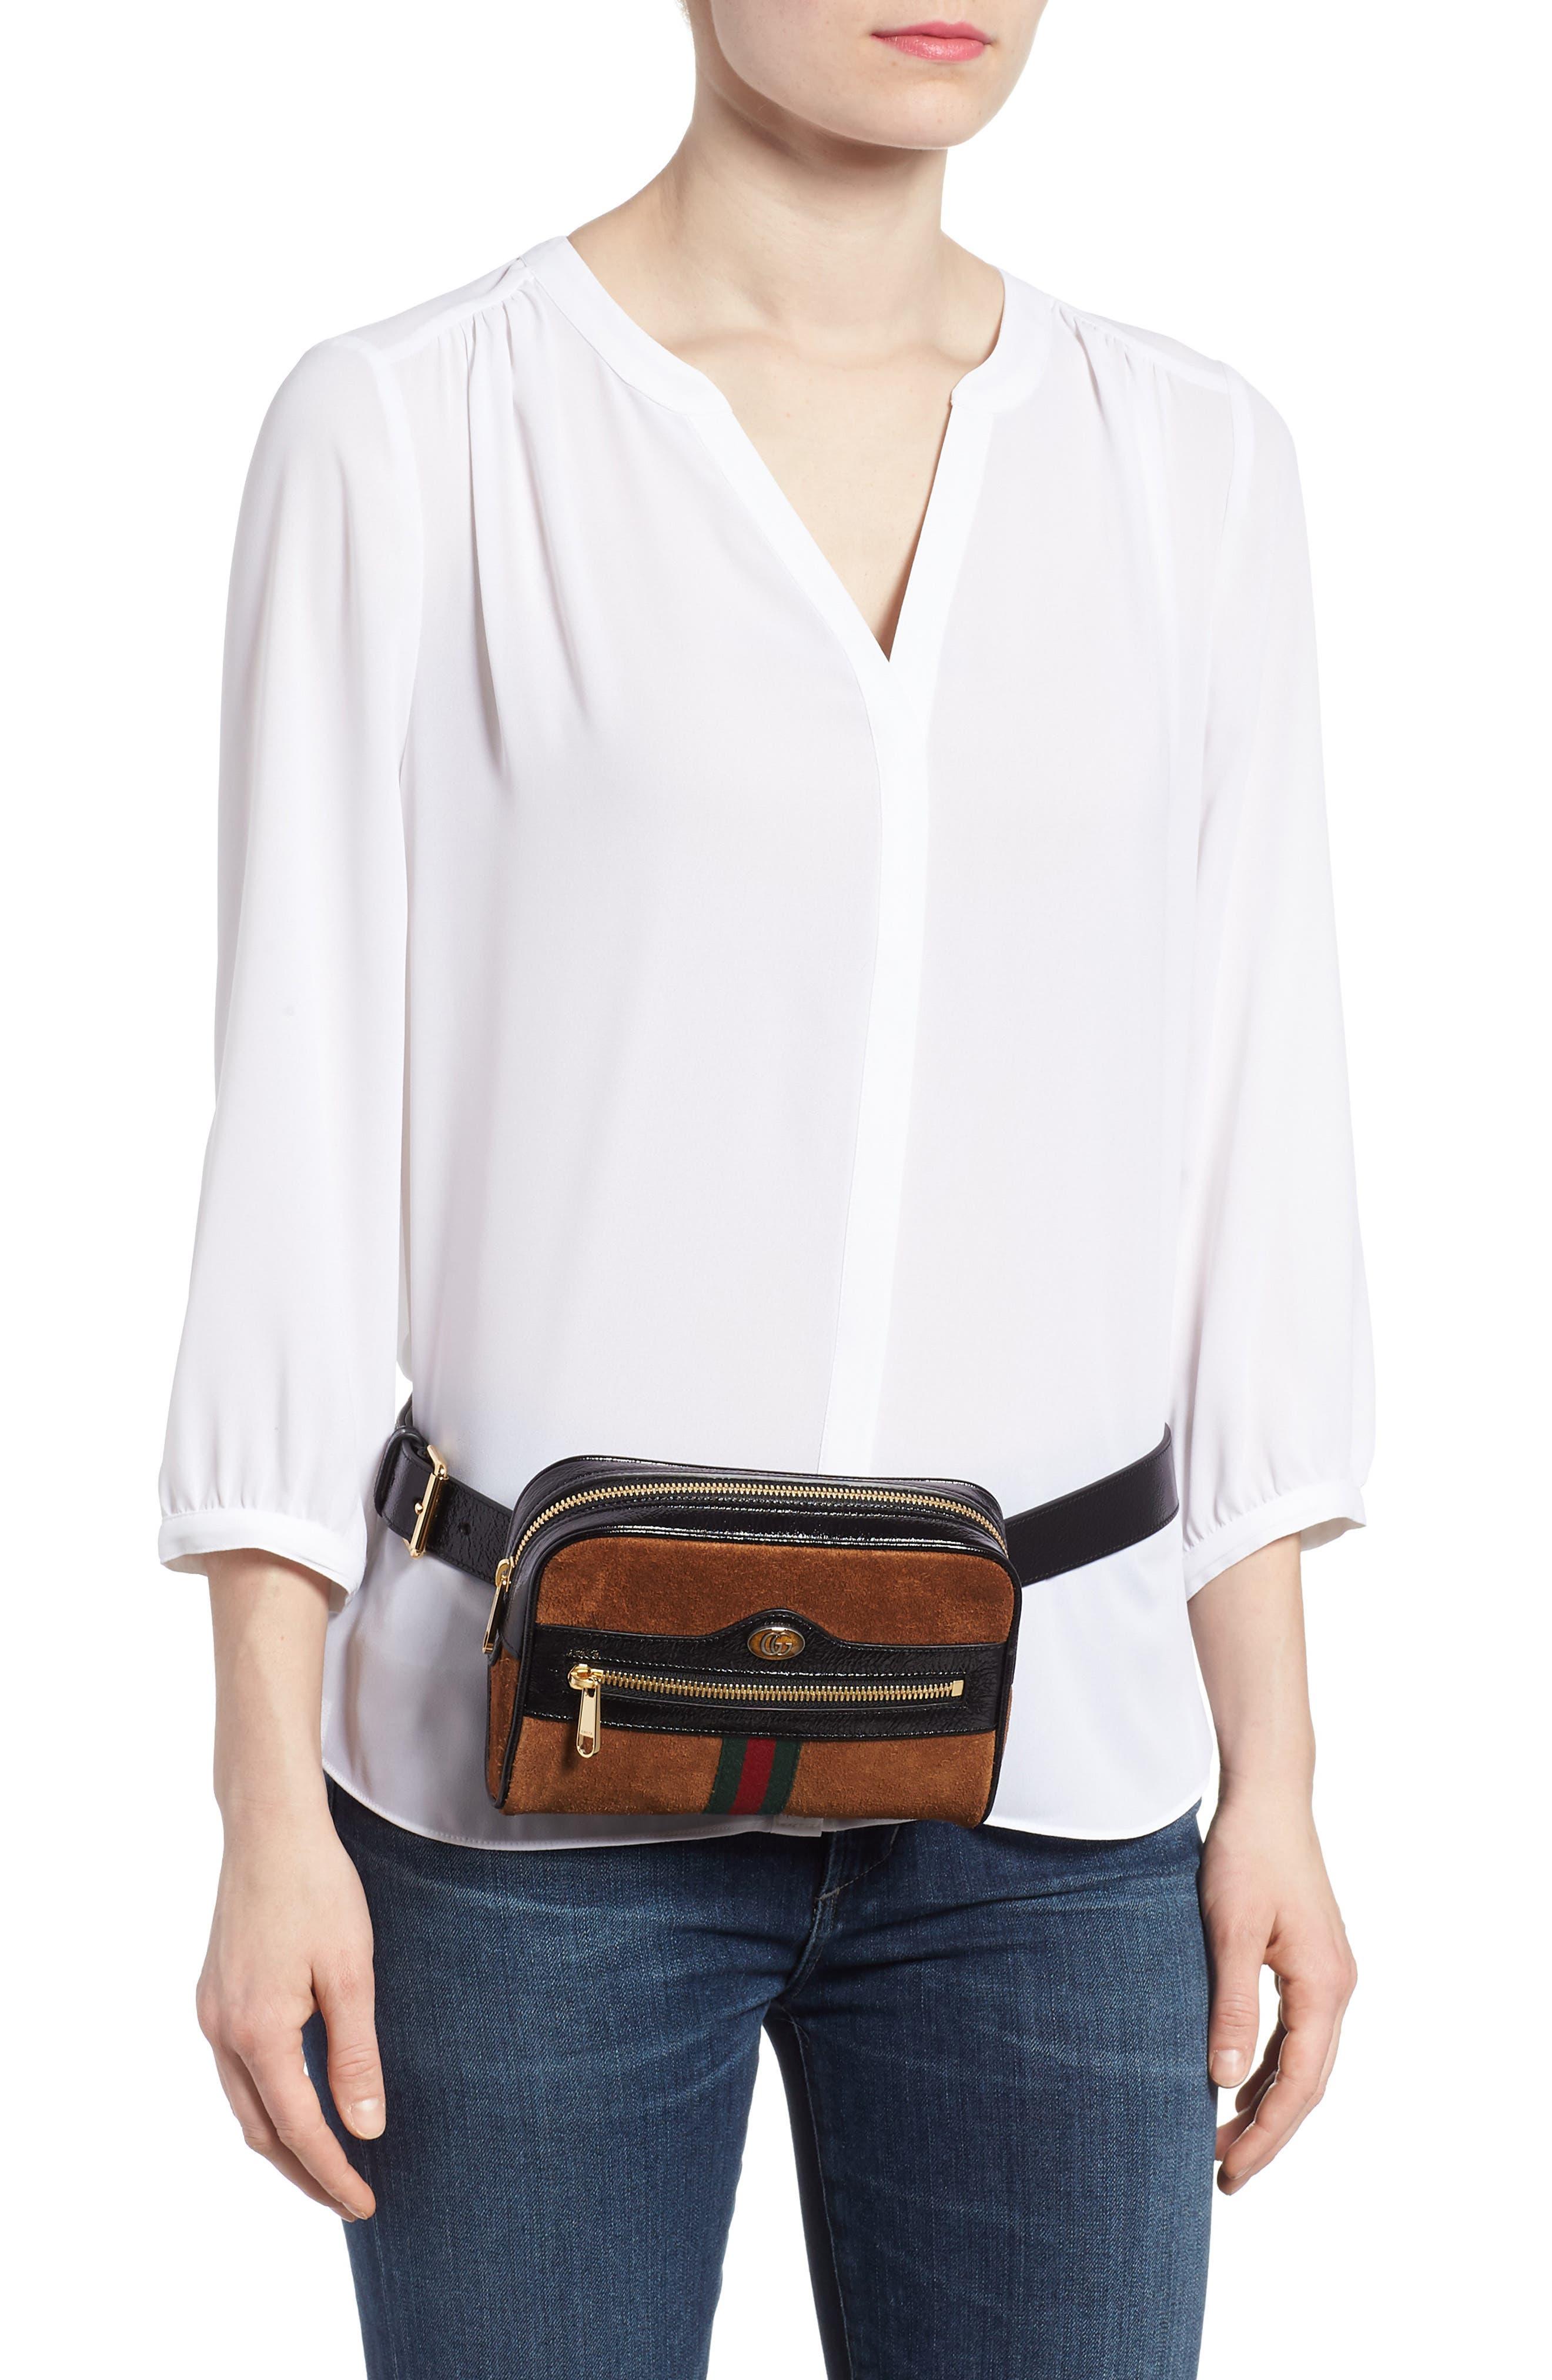 8ea57e8f409b77 Gucci Belt Bags & Fanny Packs   Nordstrom